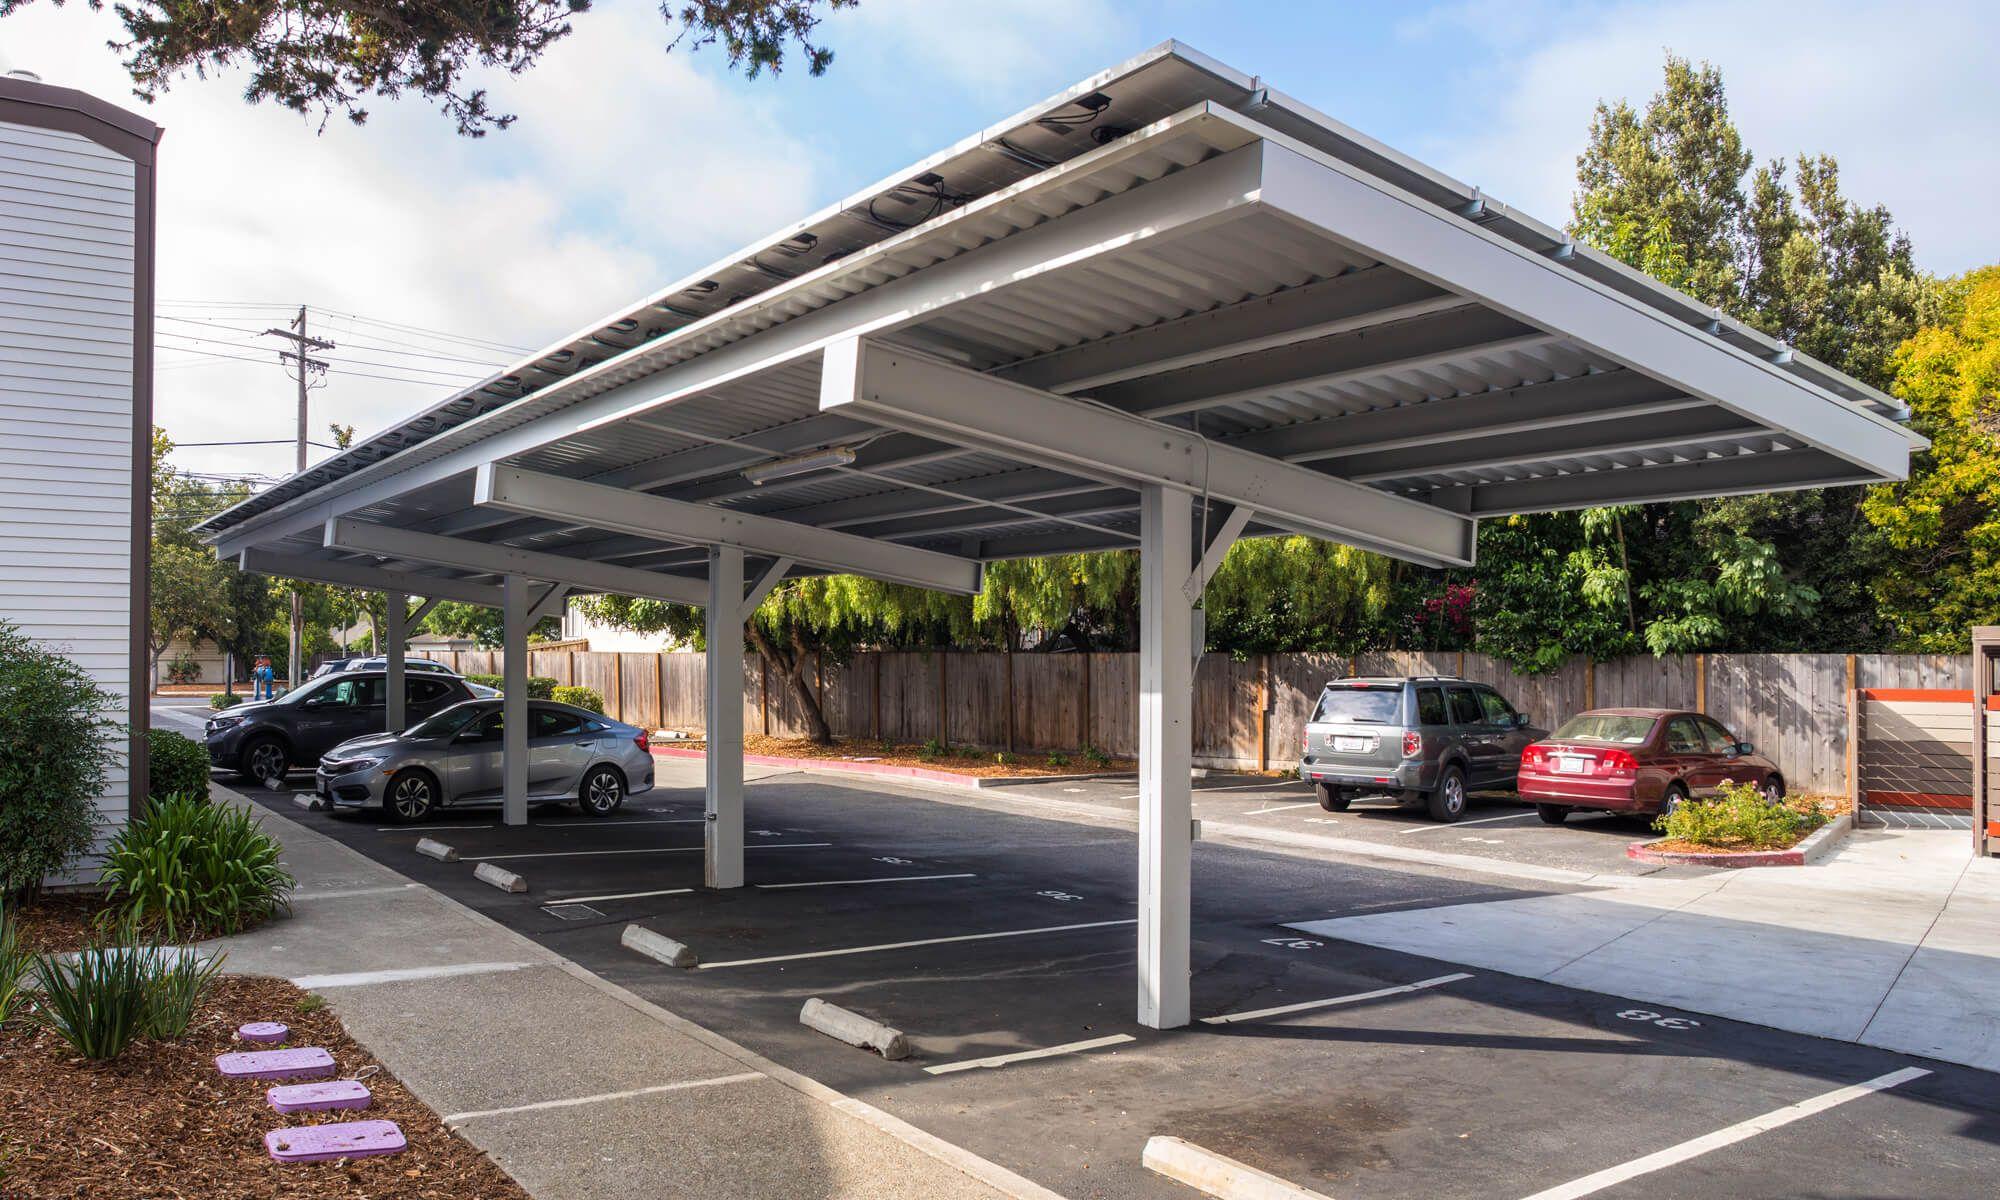 Solar Carports Commercial Solar Car Ports Baja Carports In 2020 Carport Canopy Carport Designs Carport